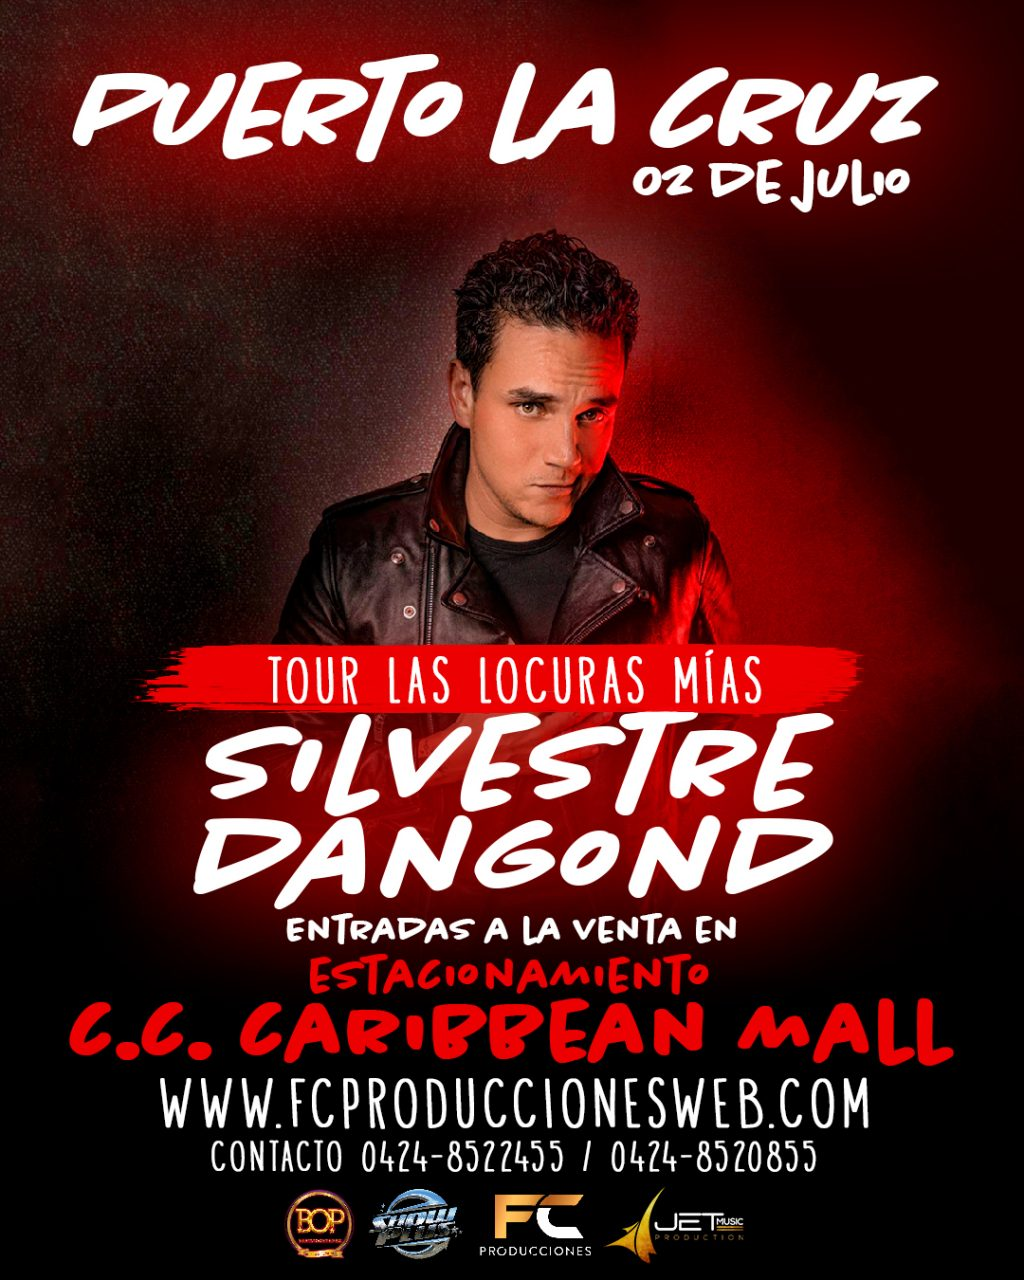 """Silvestre Dangond y su tour """"Las Locuras Mías"""" llega a Venezuela en julio - enero 30, 2021 10:30 am - NOTIGUARO - Entretenimiento"""